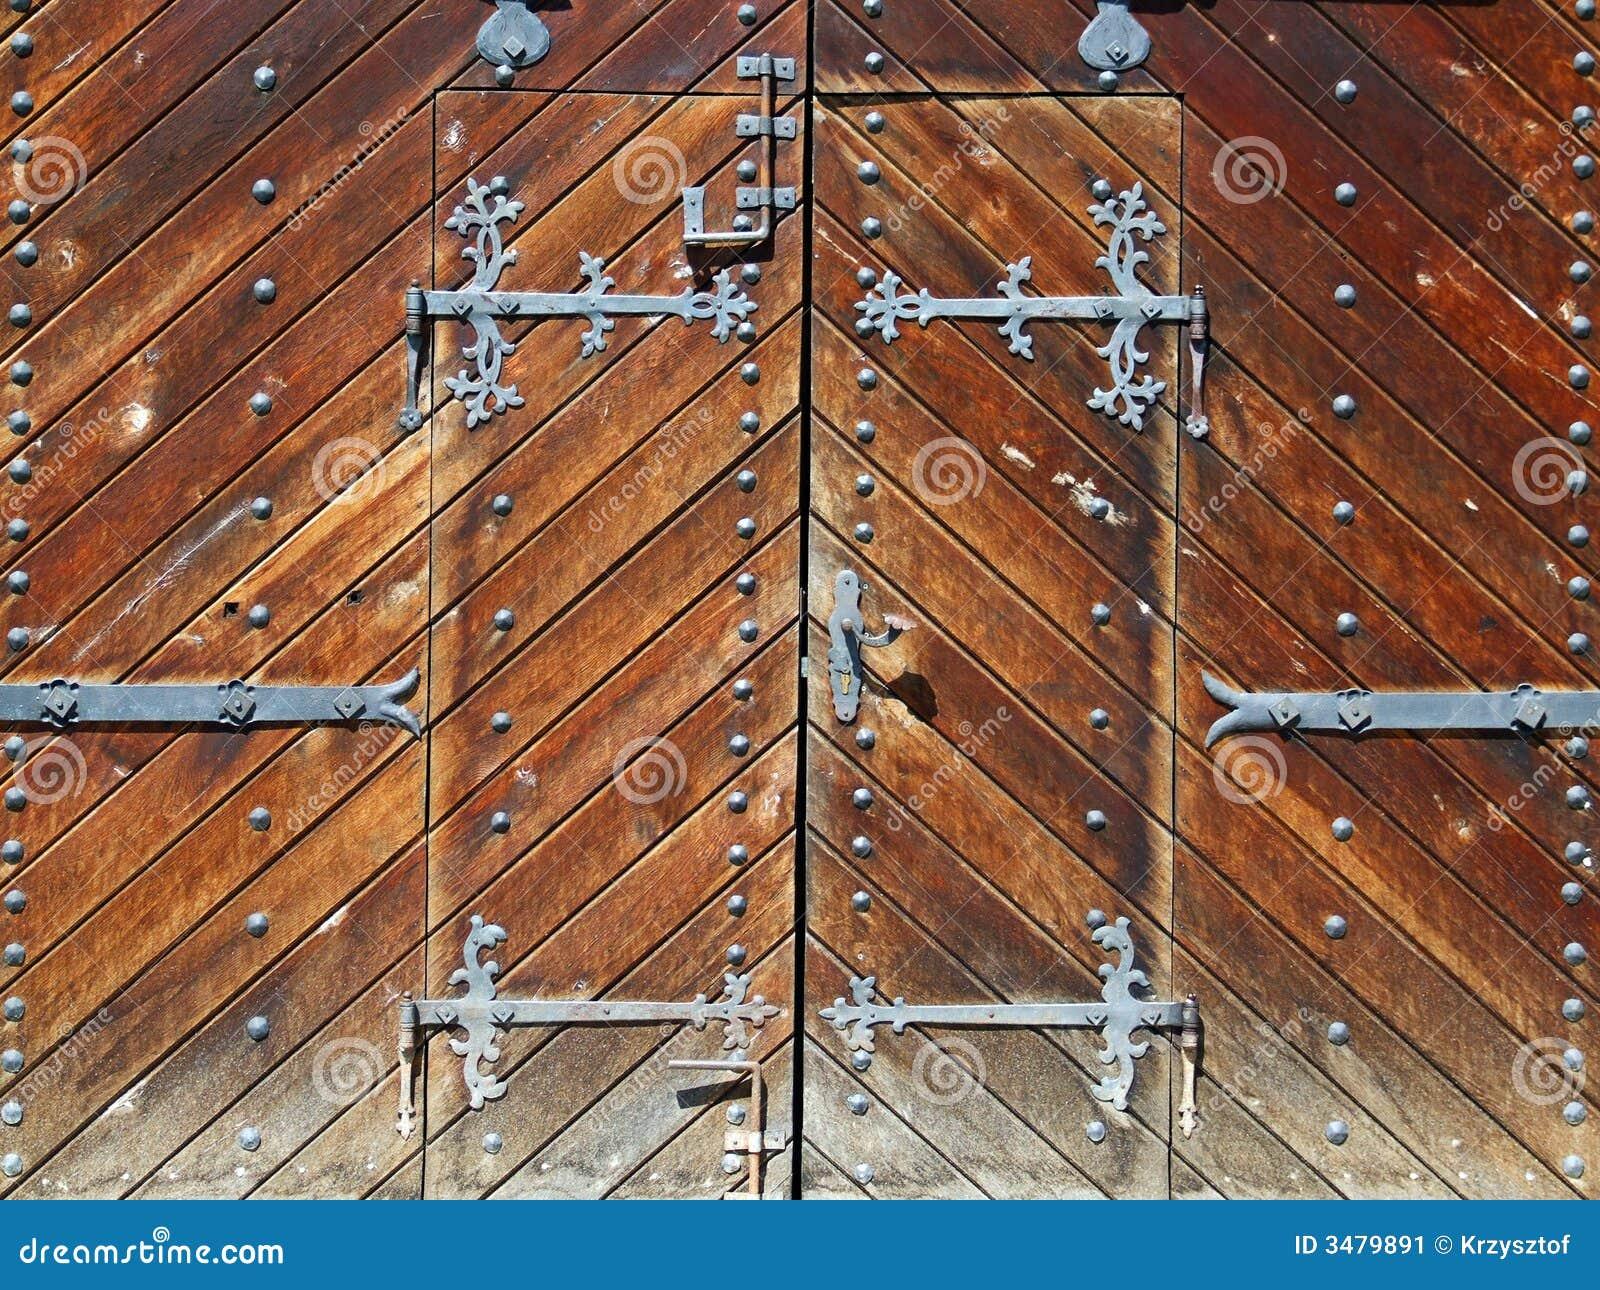 Cerniere Per Cancelli Di Legno : Cancello di legno antico immagine stock immagine di accesso